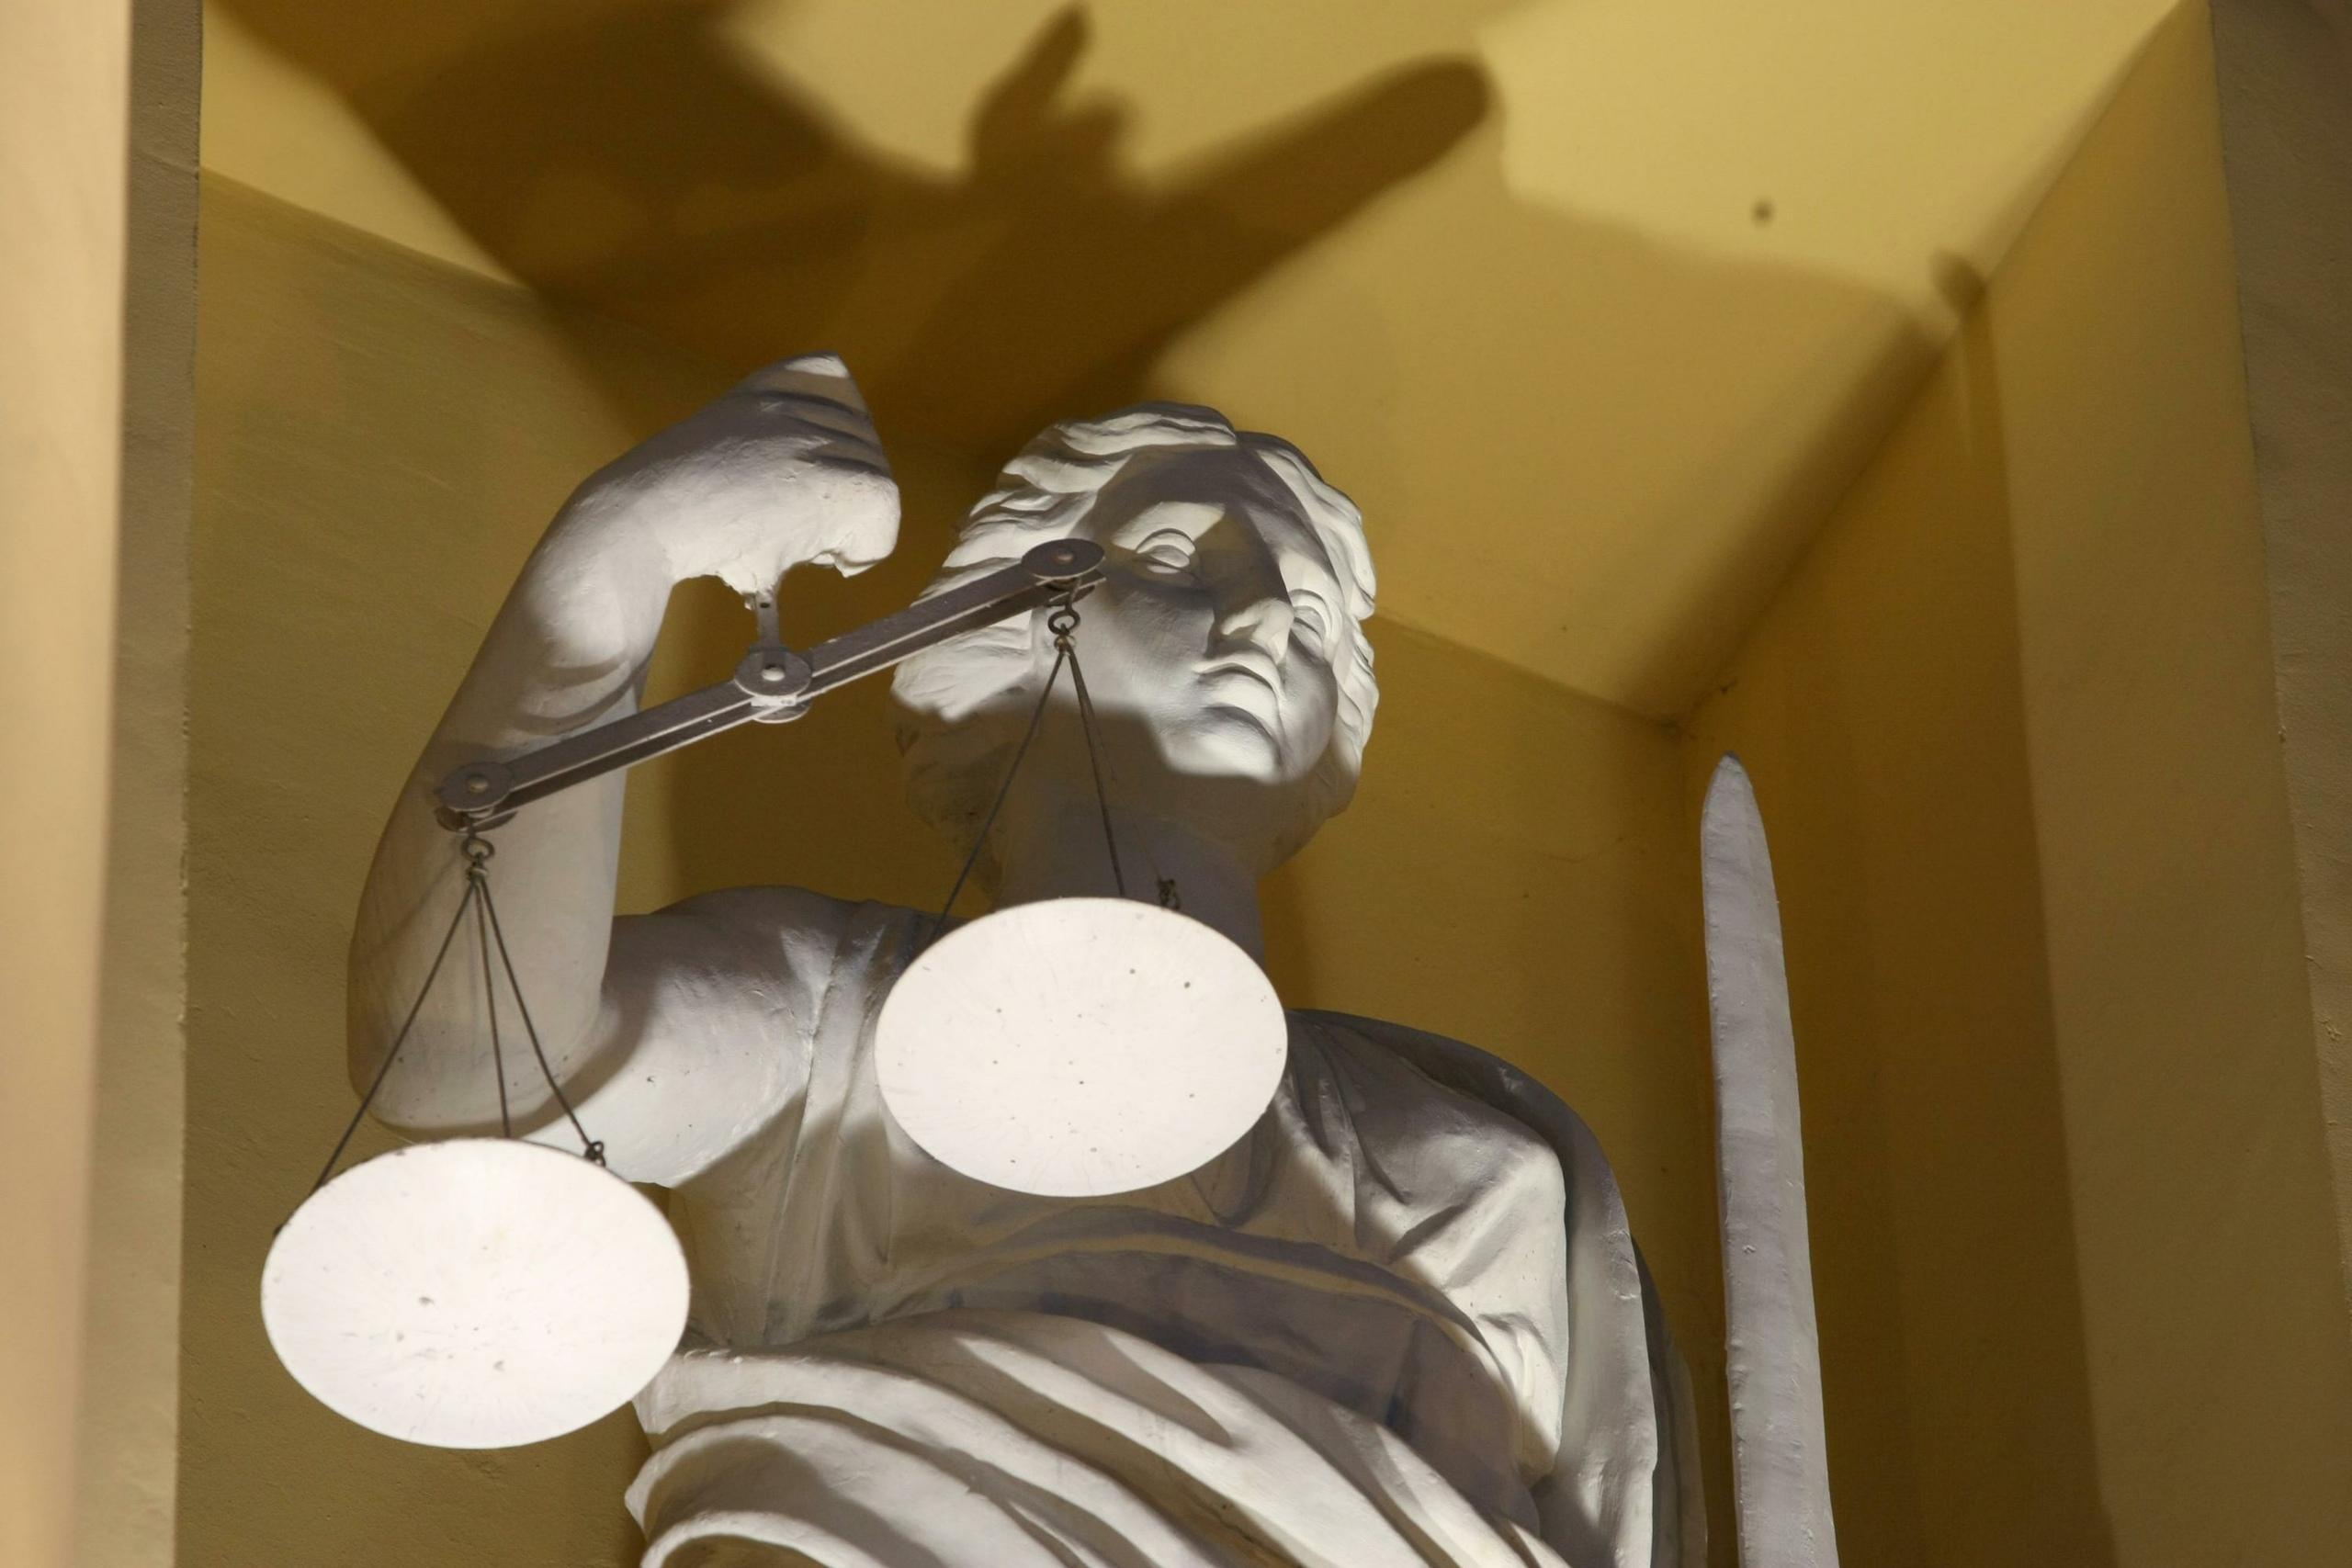 Новых судей назначил президент РФ в Волгограде перед Новым годом